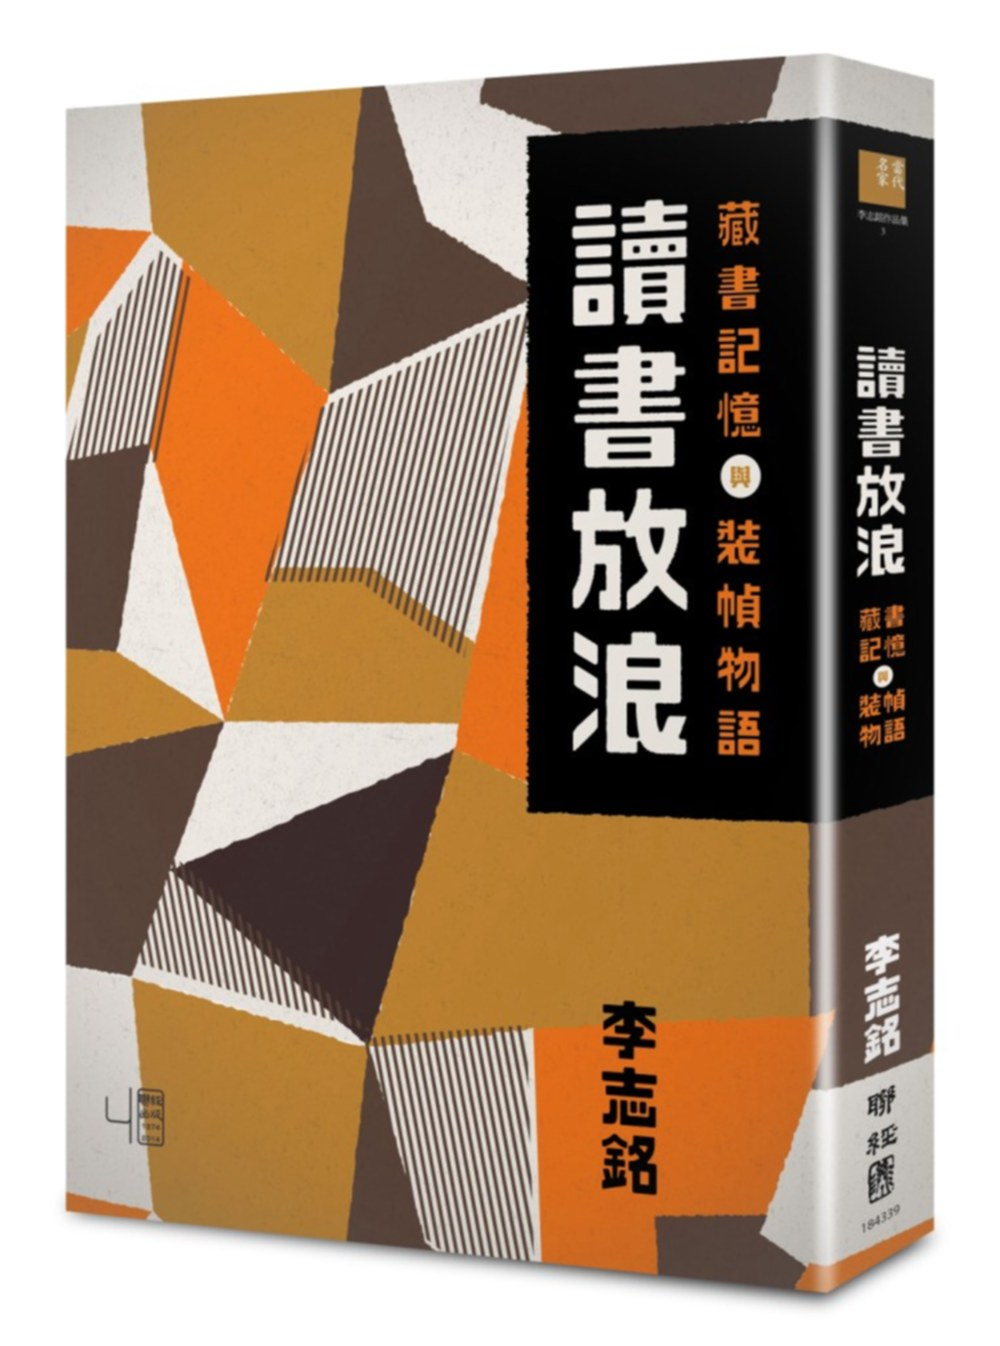 讀書放浪:藏書記憶與裝幀物語(書衣平裝版)